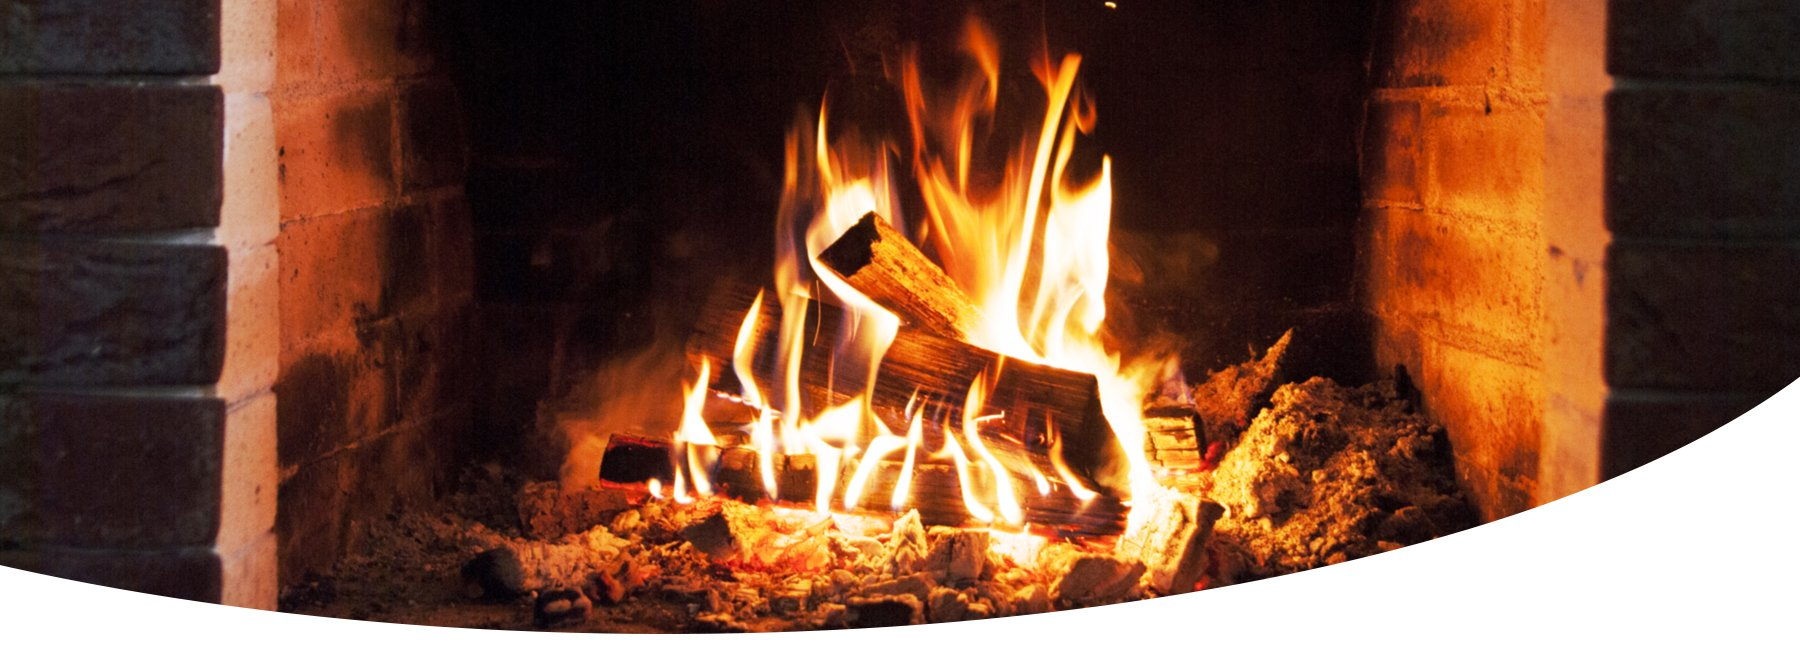 legna in fiamme in un camino